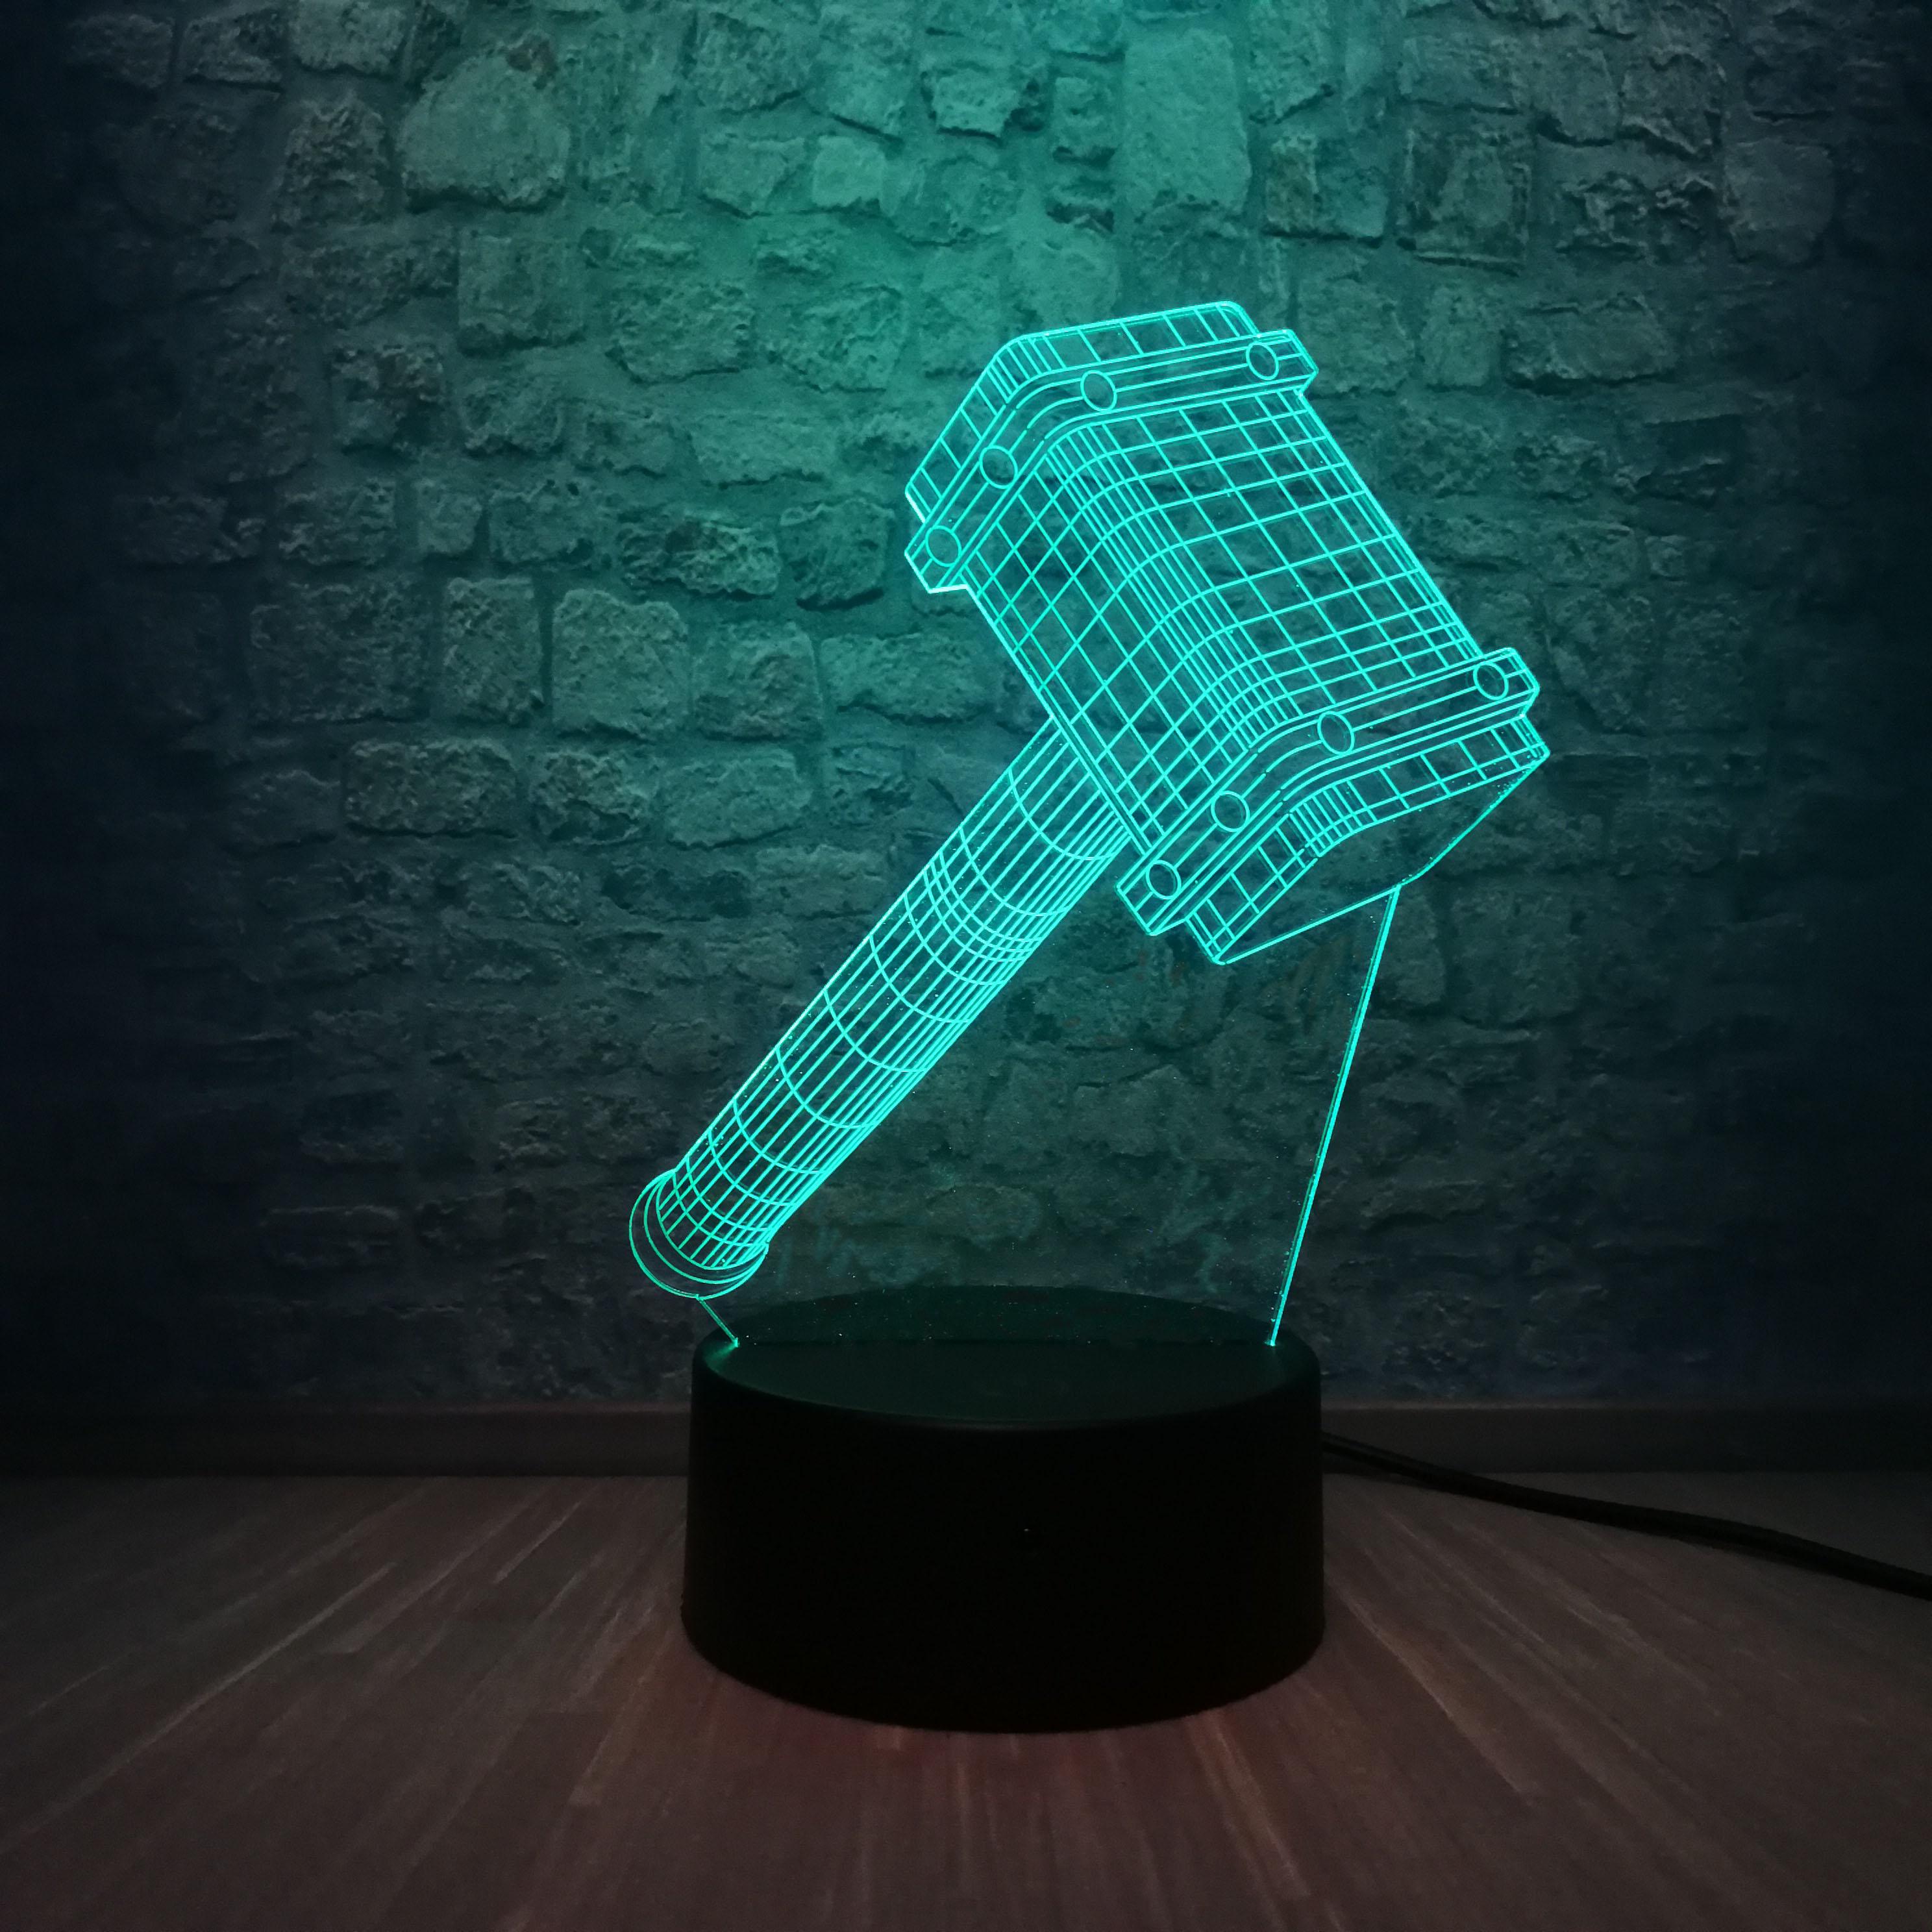 Thor Los vengadores de Marvel lámpara LED 3D, lámpara para dormir en el dormitorio, luz de noche, iluminación RGB, superhéroe Multicolor, regalo de Navidad para niños, juguetes para niños